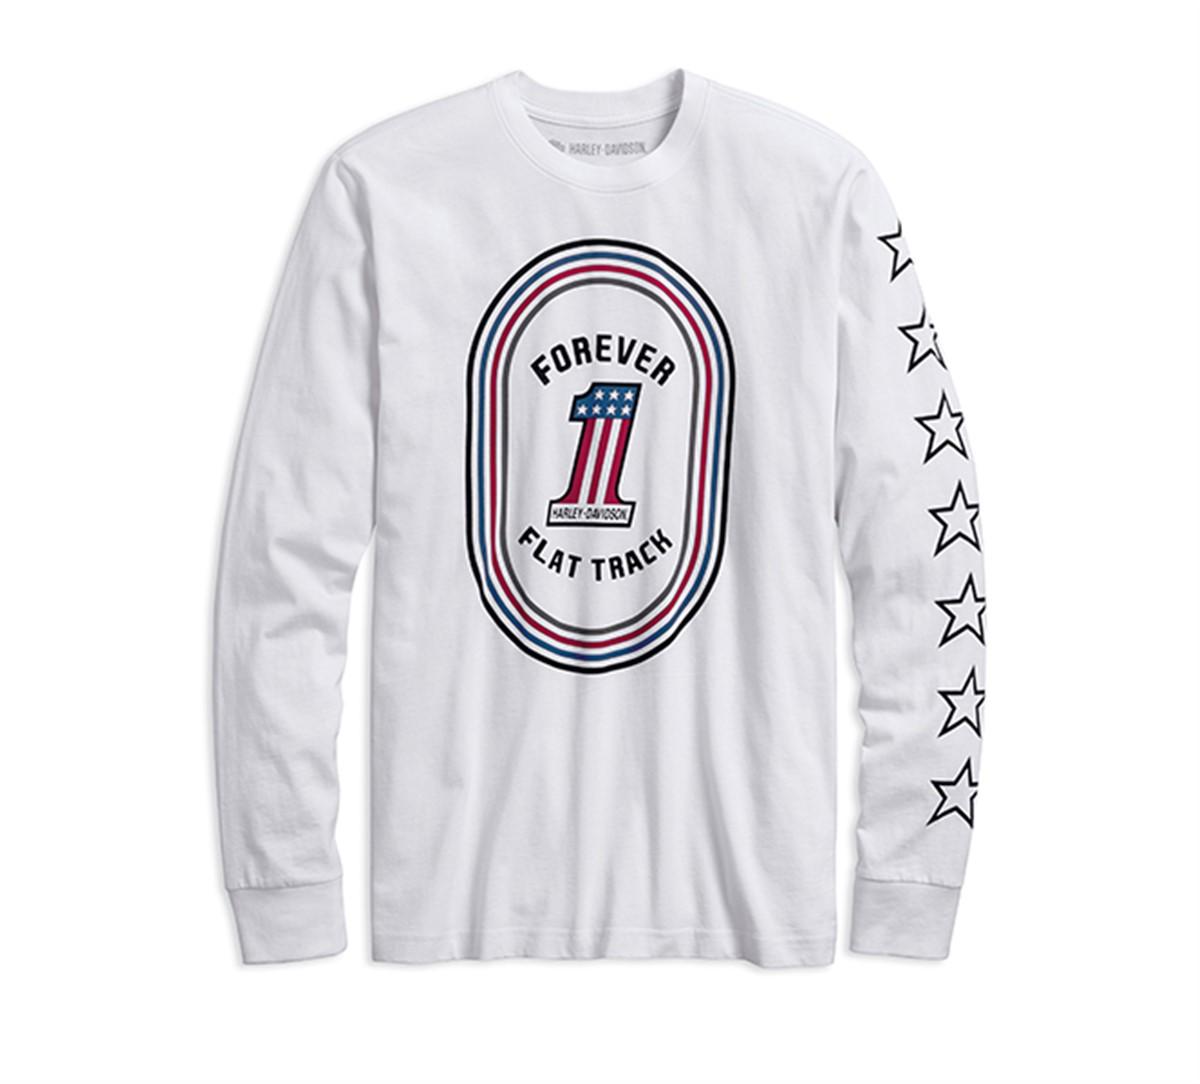 harley-davidson shop online